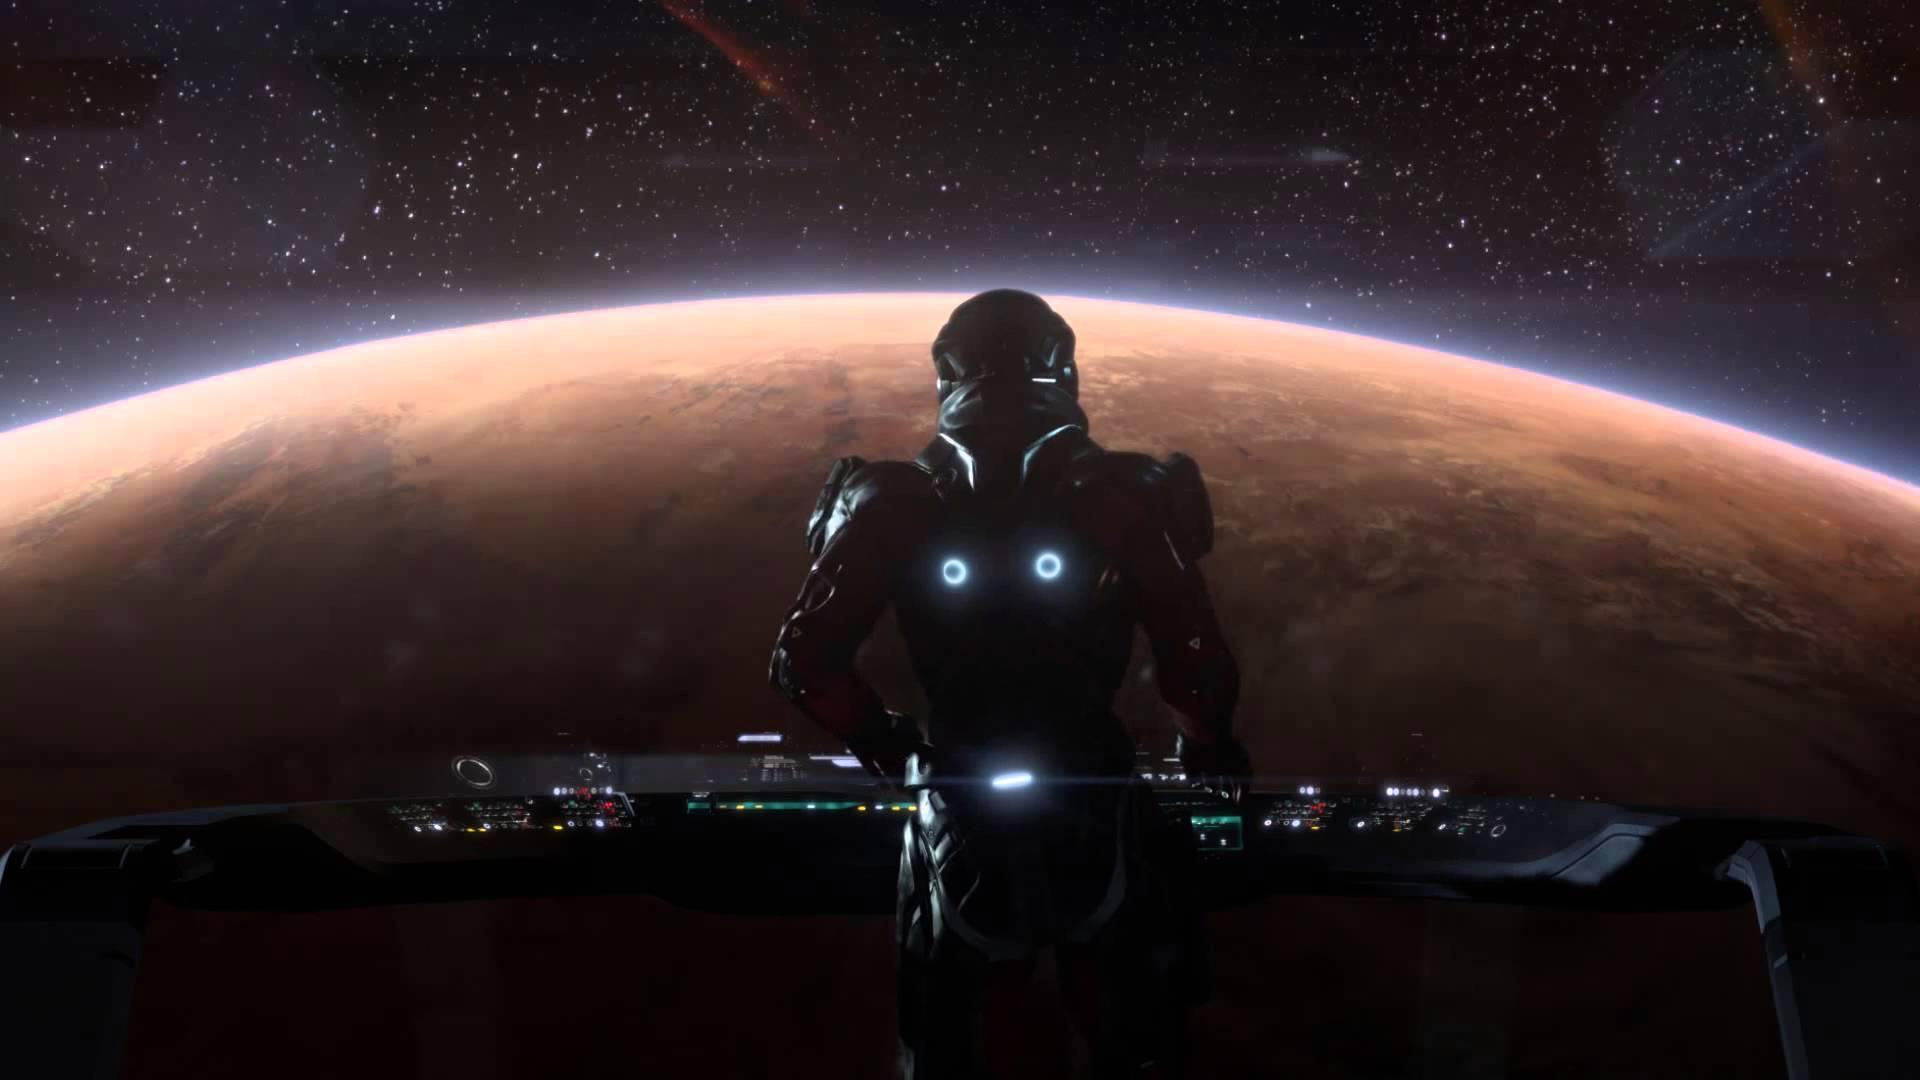 Vídeo vazado de Mass Effect Andromeda mostra personagem em ação com jetpack